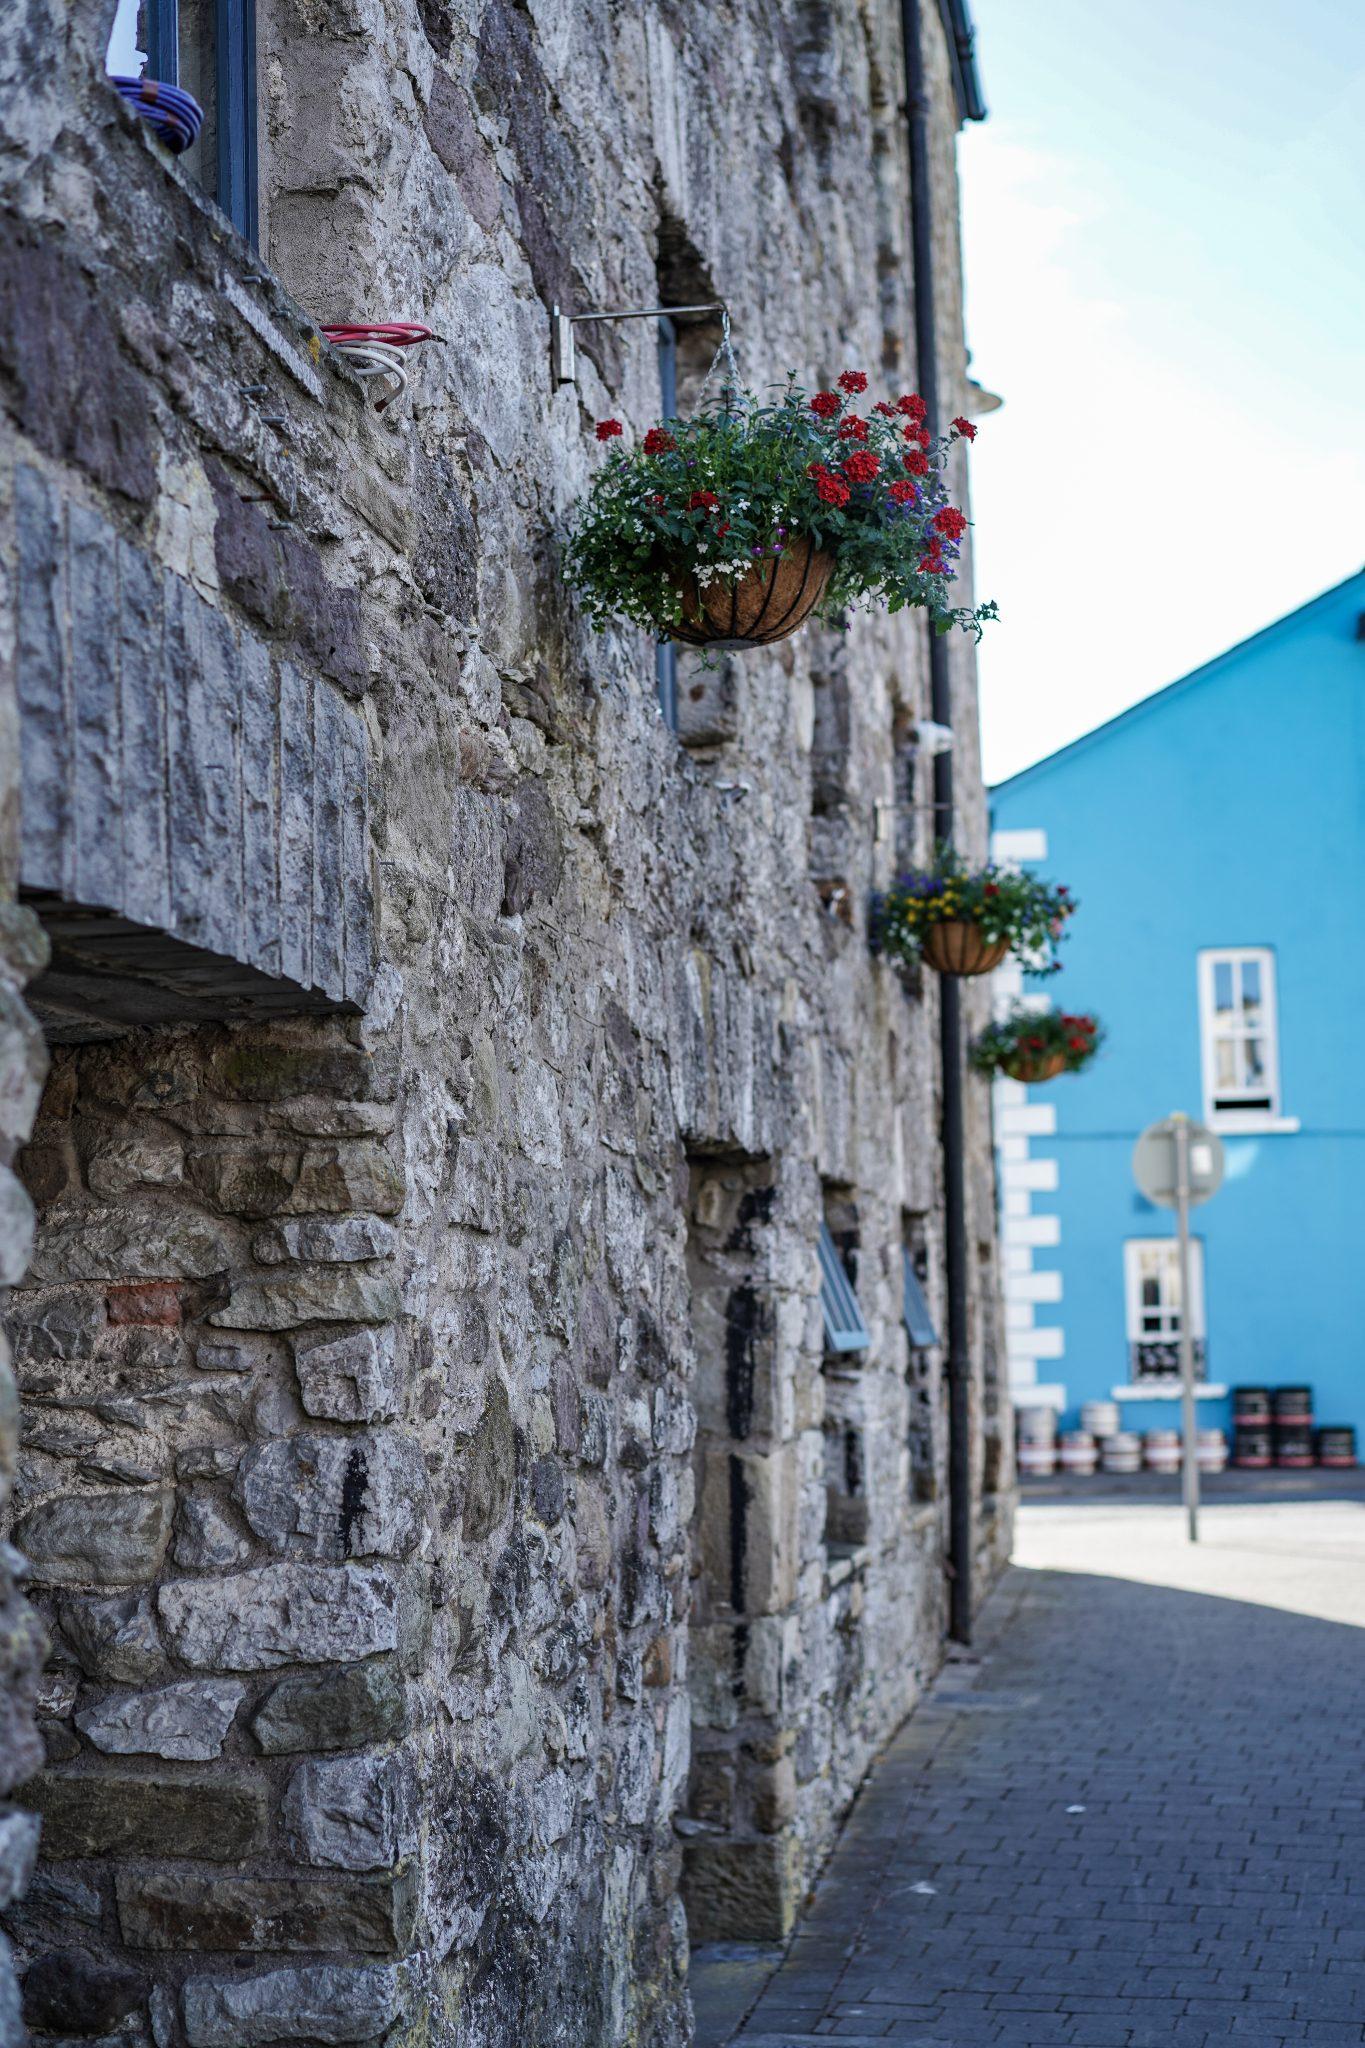 Kerrygold Irland 99 | Vor ein paar Monaten waren wir auf einer wirklich unglaublichen Reise. Daher wird es mehr als Zeit euch von unserem Wochenende in Irland zu berichten! Gemeinsam mit Kerrygold ging es für uns nach Cork ... unser Ziel? Das Weidemilch-Prinzip kennenzulernen und das eben nicht auf dem Papier sondern vor Ort.